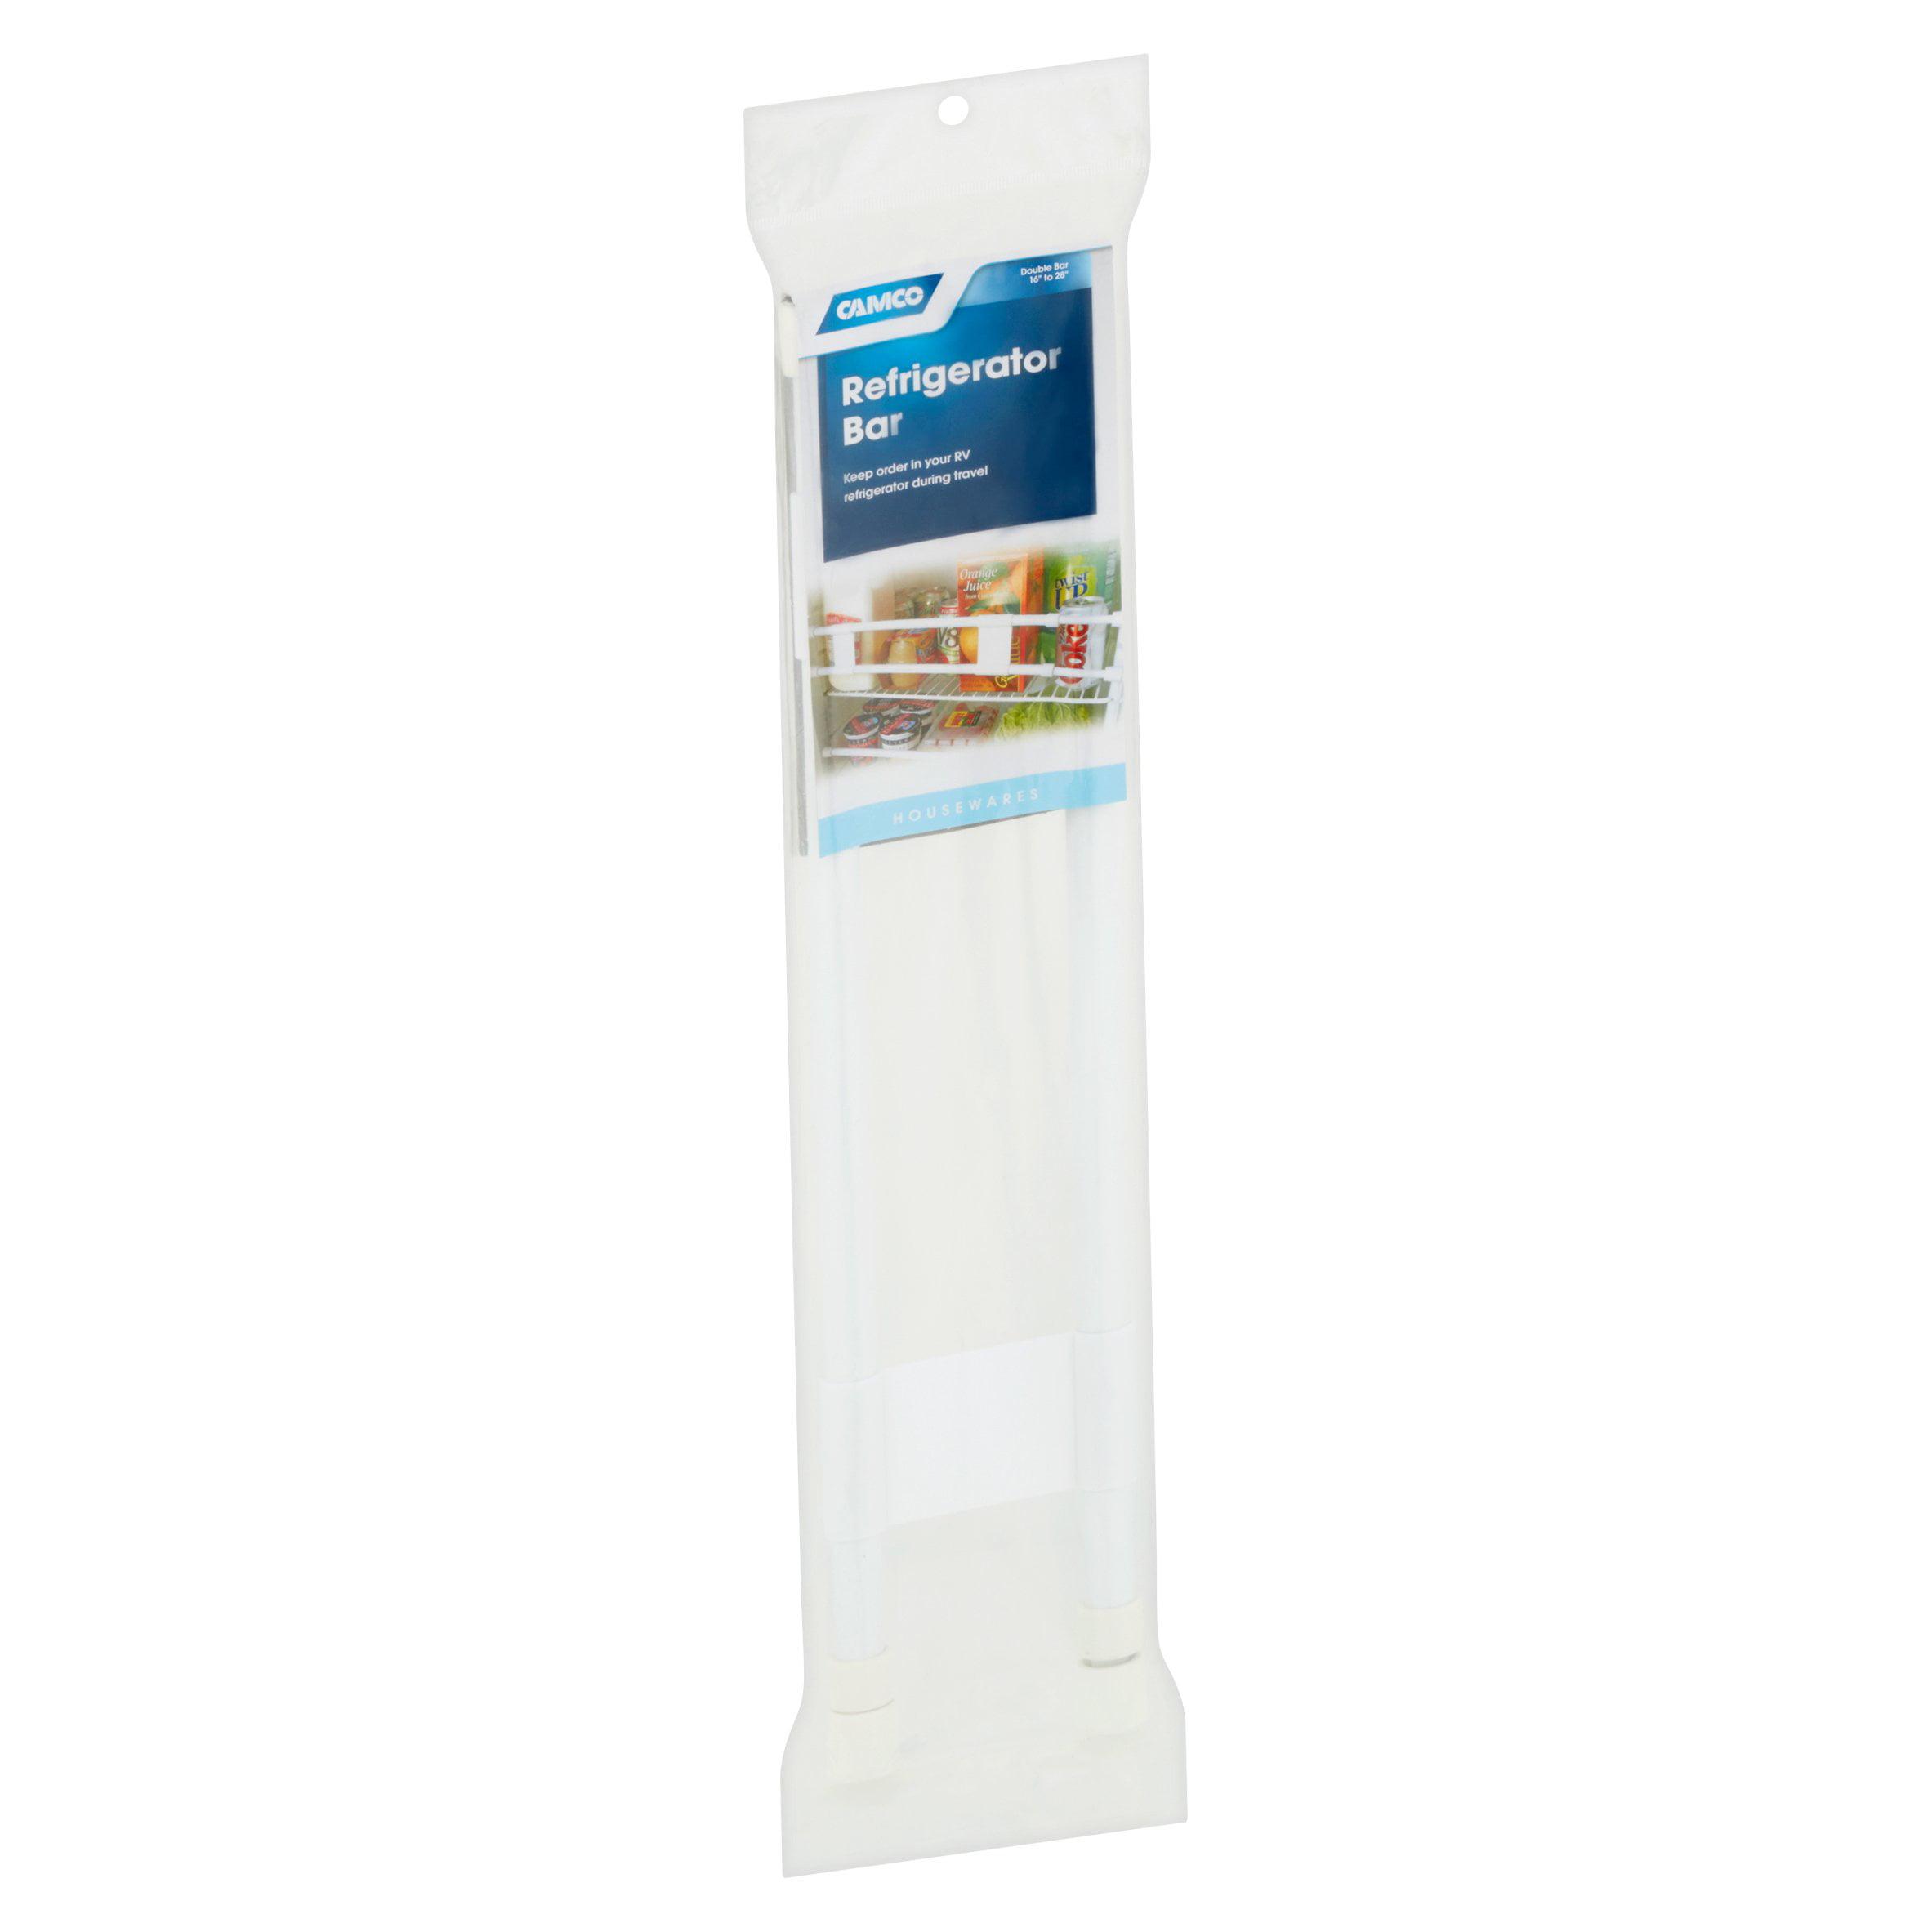 0175189e08 Camco Double Refrigerator Bar - Walmart.com